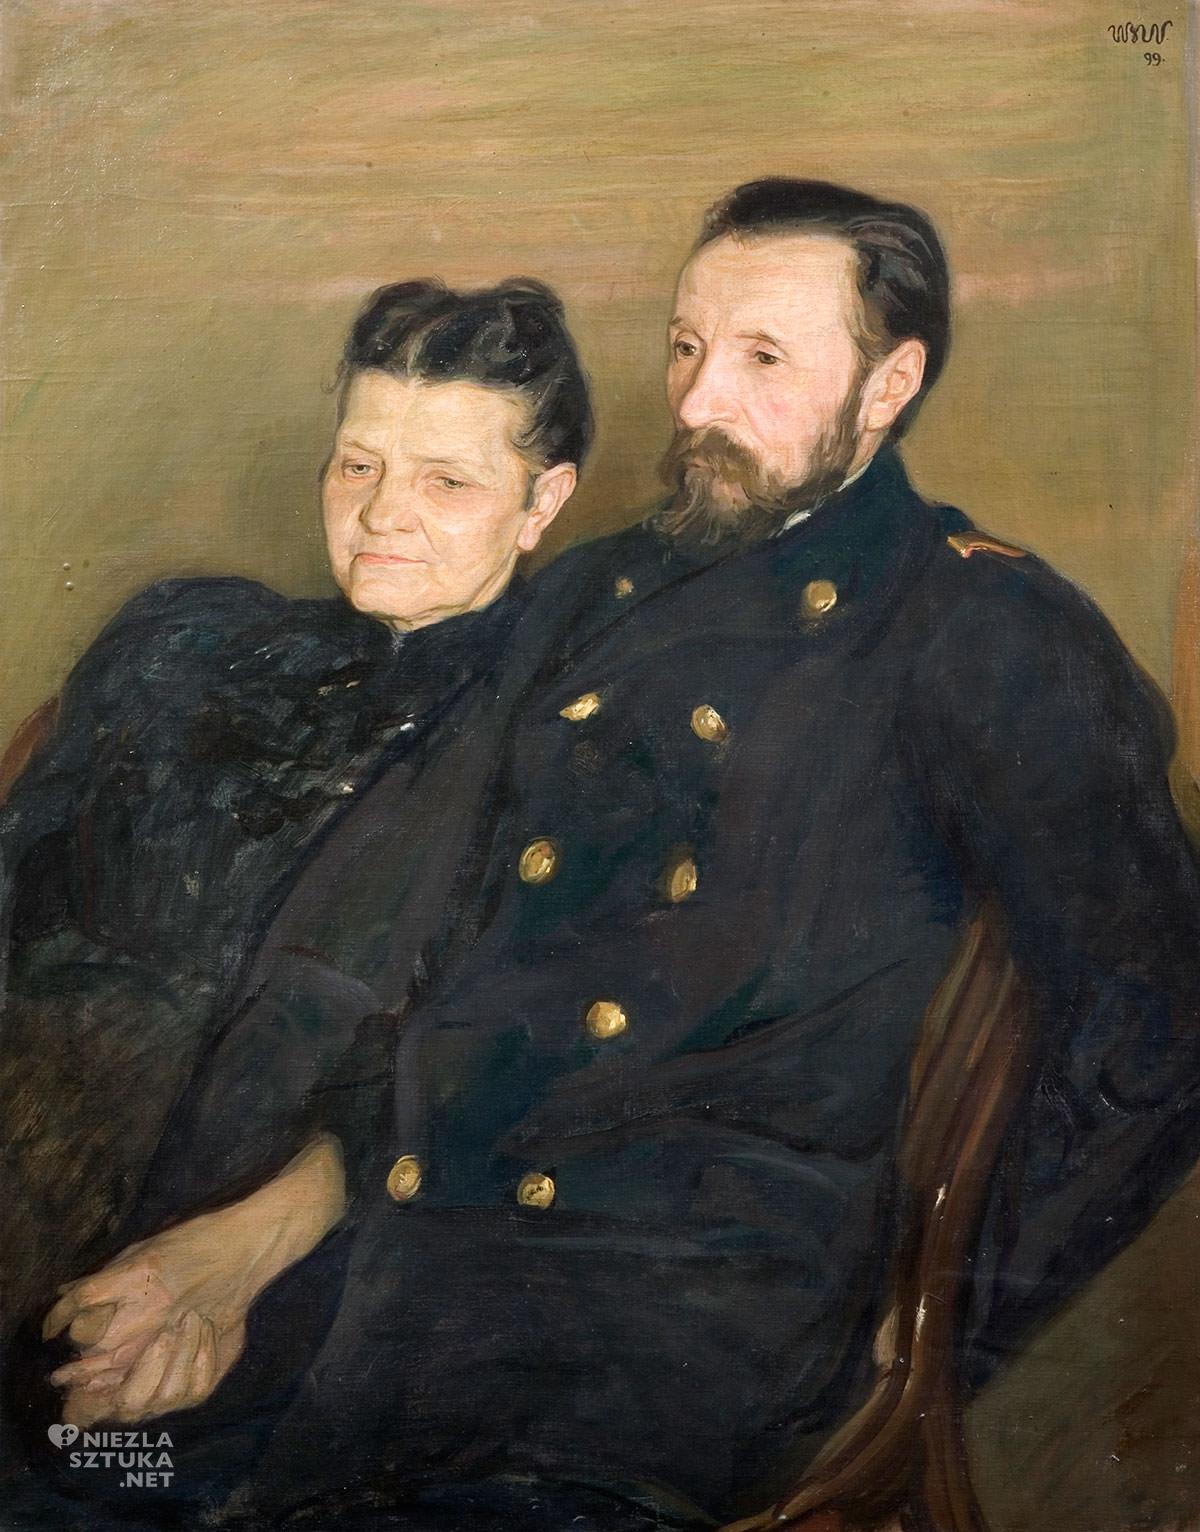 Wojciech Weiss, Portret rodziców, sztuka polska, malarstwo polskie, Niezła Sztuka